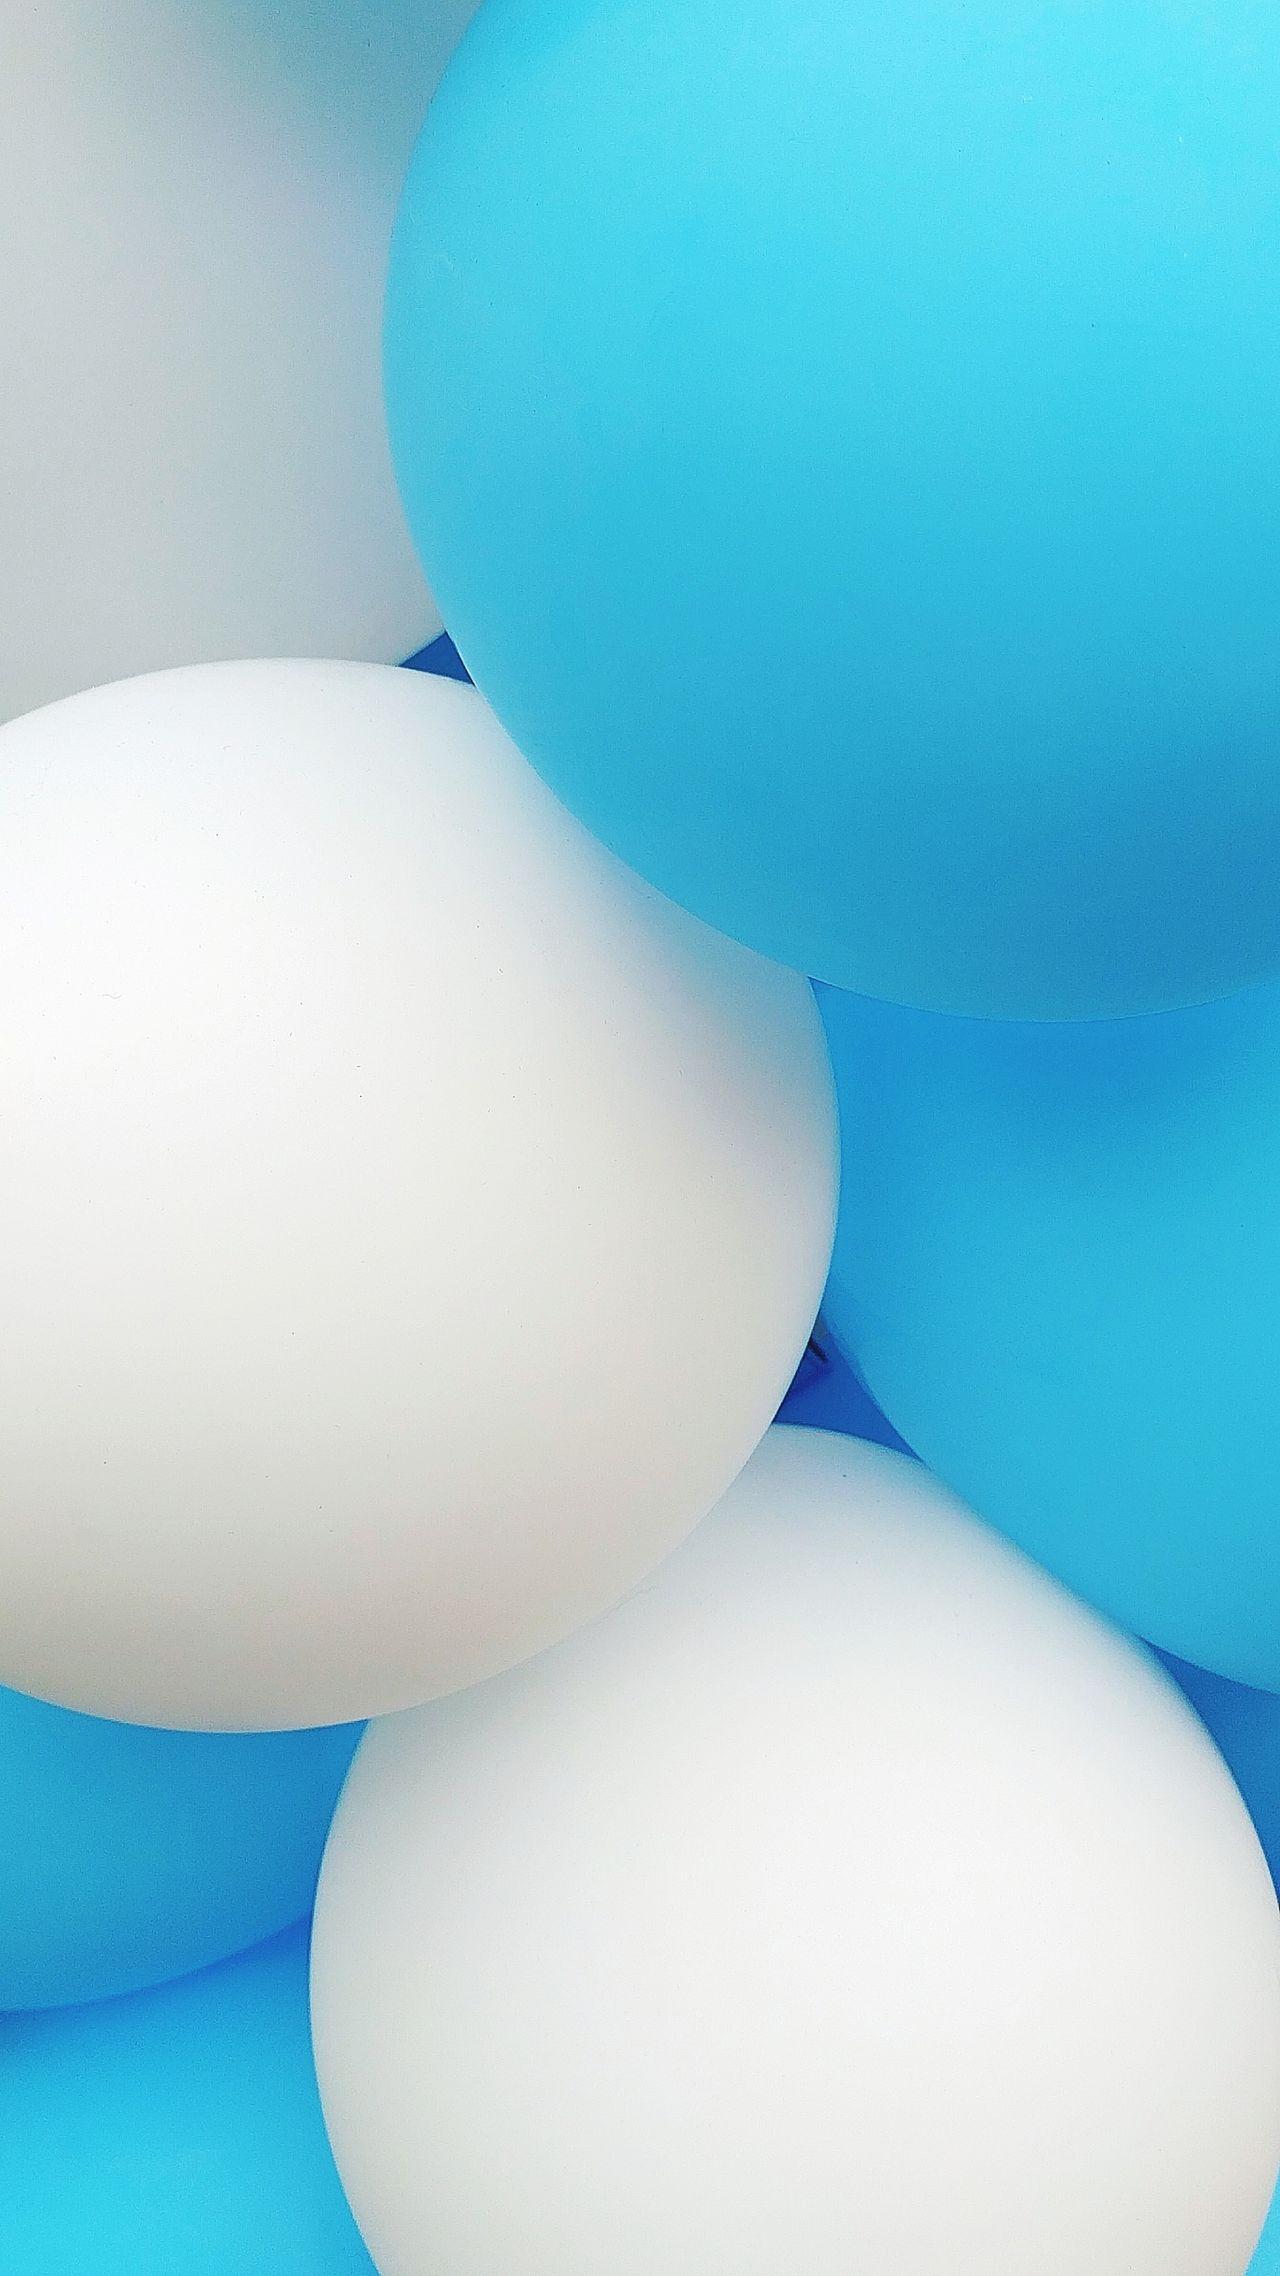 Blue Balloons Balloon Party Balloon Blue White Bubbles Bubble